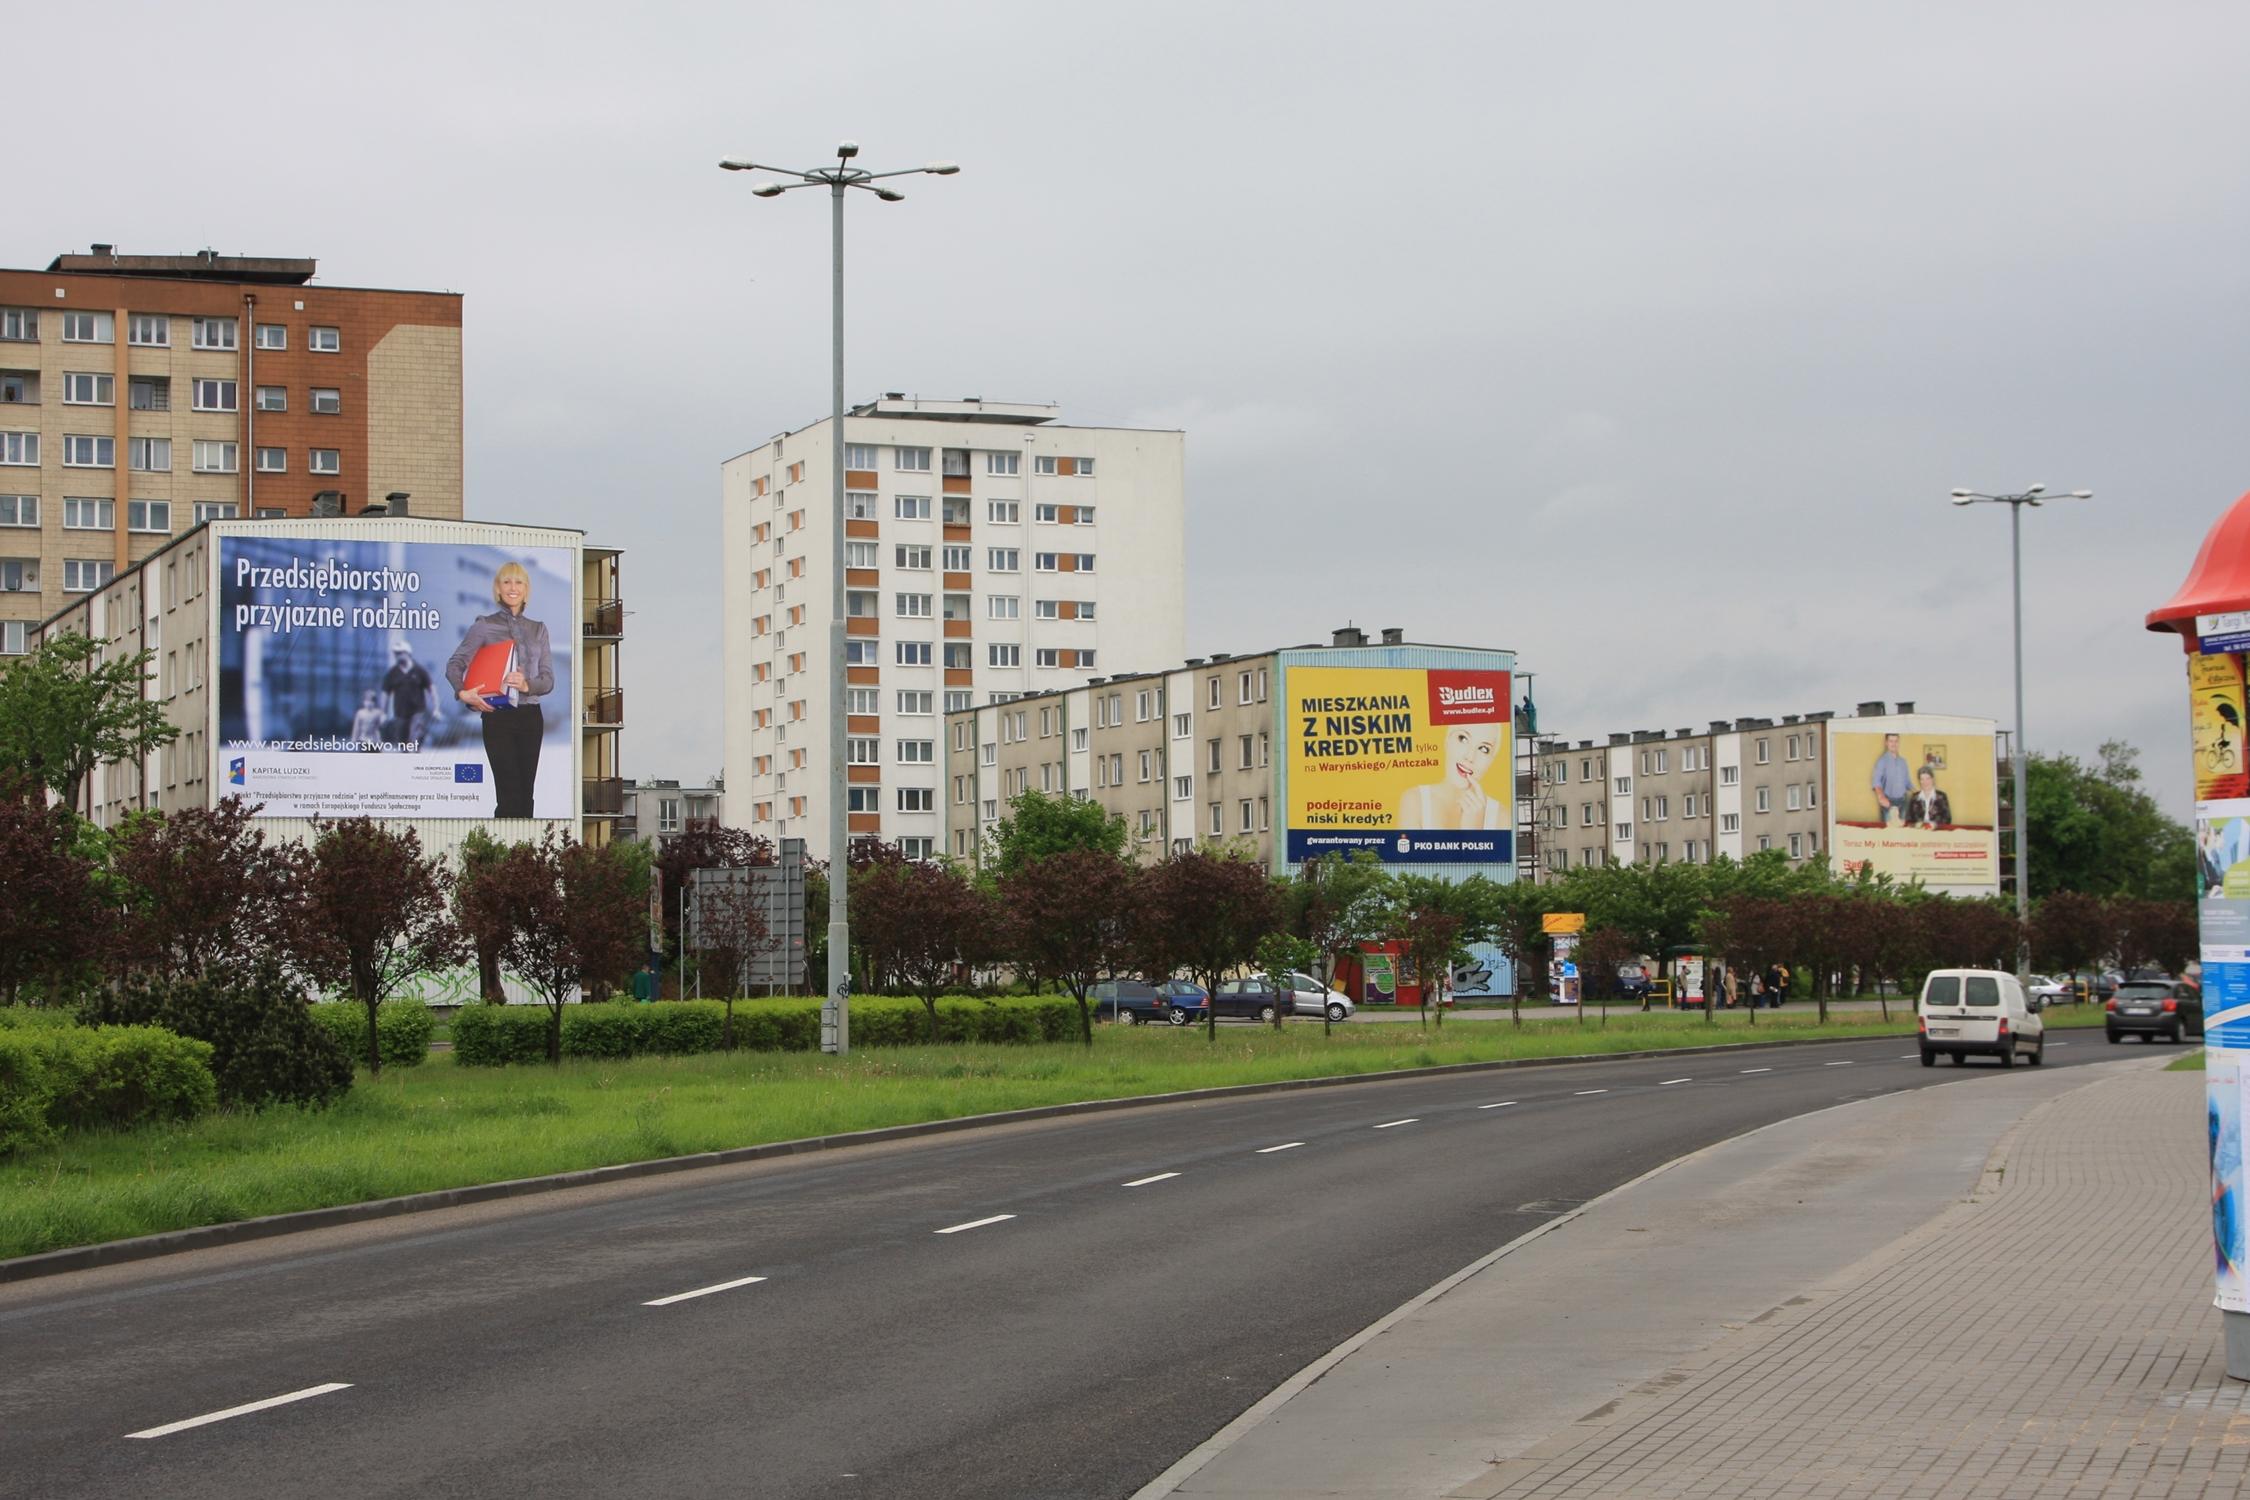 kaszownik41_9